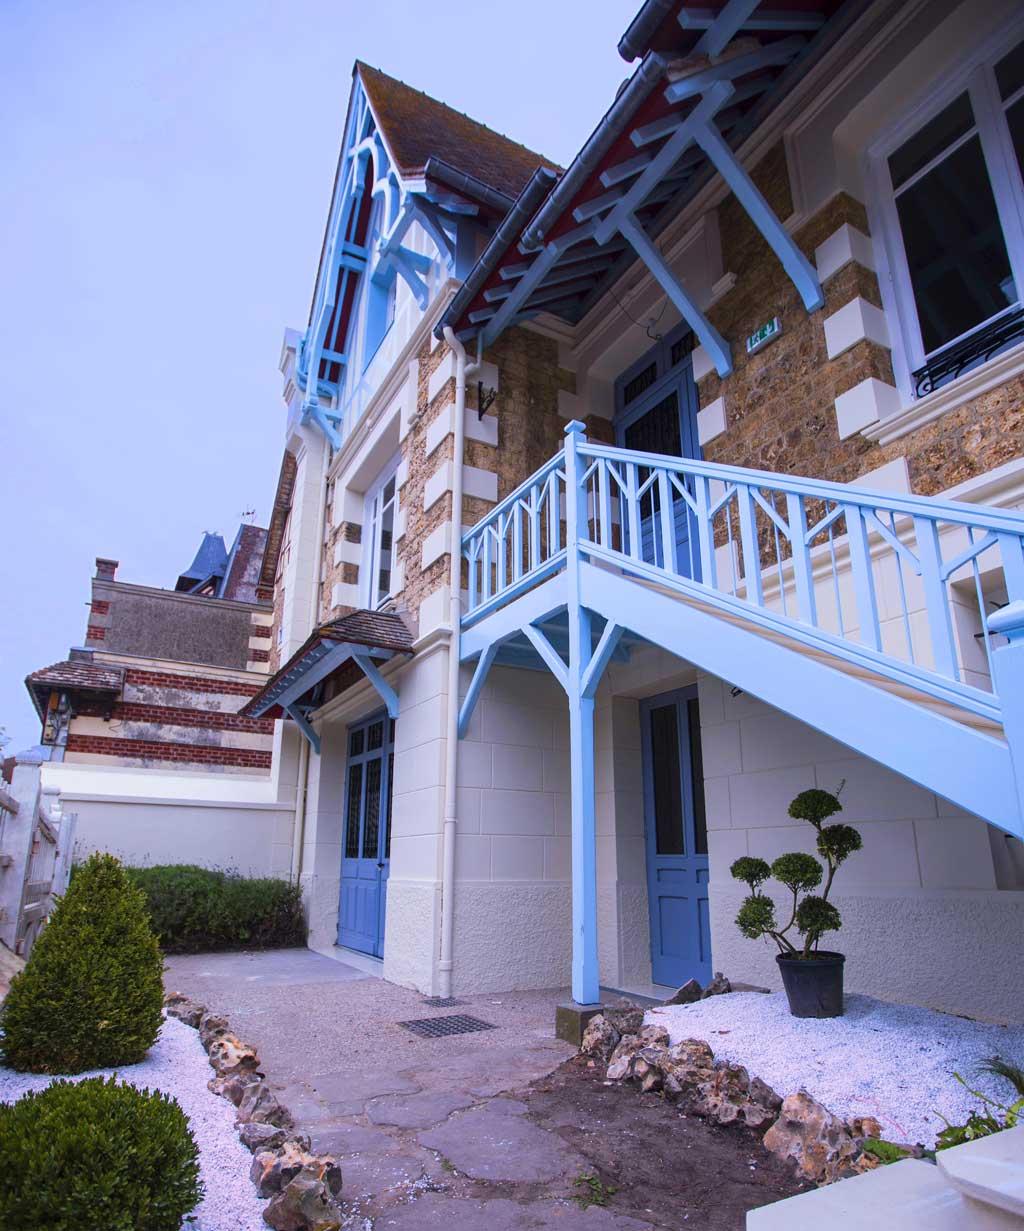 Façade de La maison ReN à Deauville, entrée du rez-de-jardin sous l'escalier